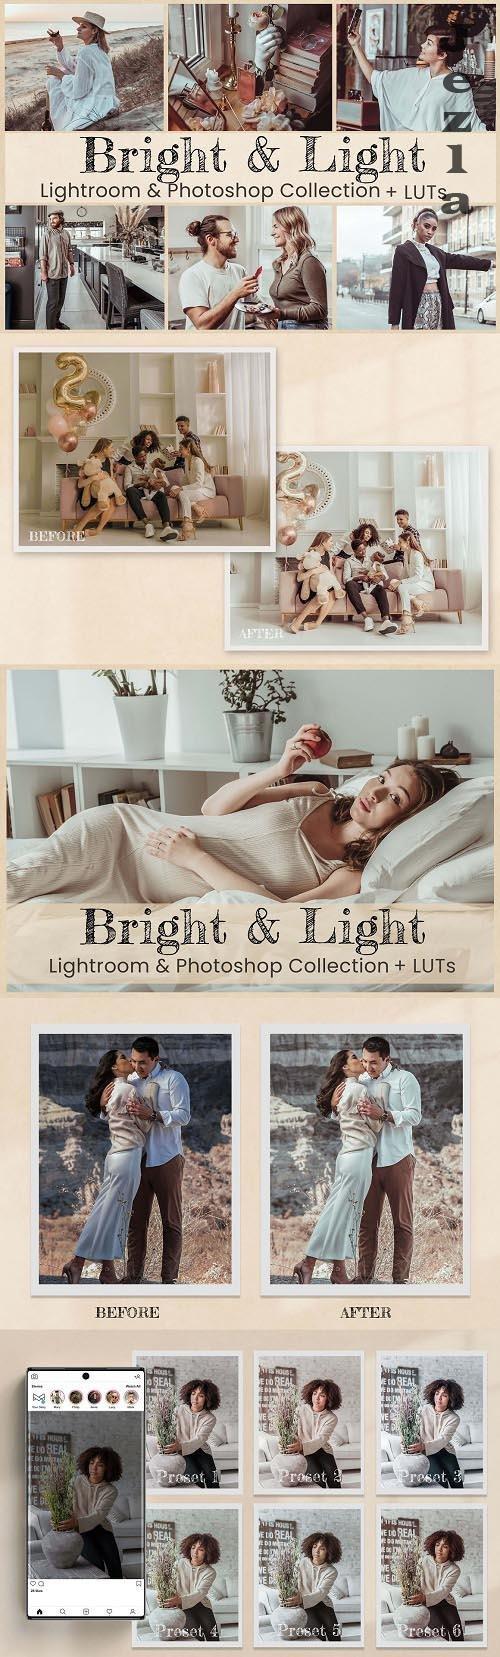 Bright Light LRM PHSP LUT - 6524061